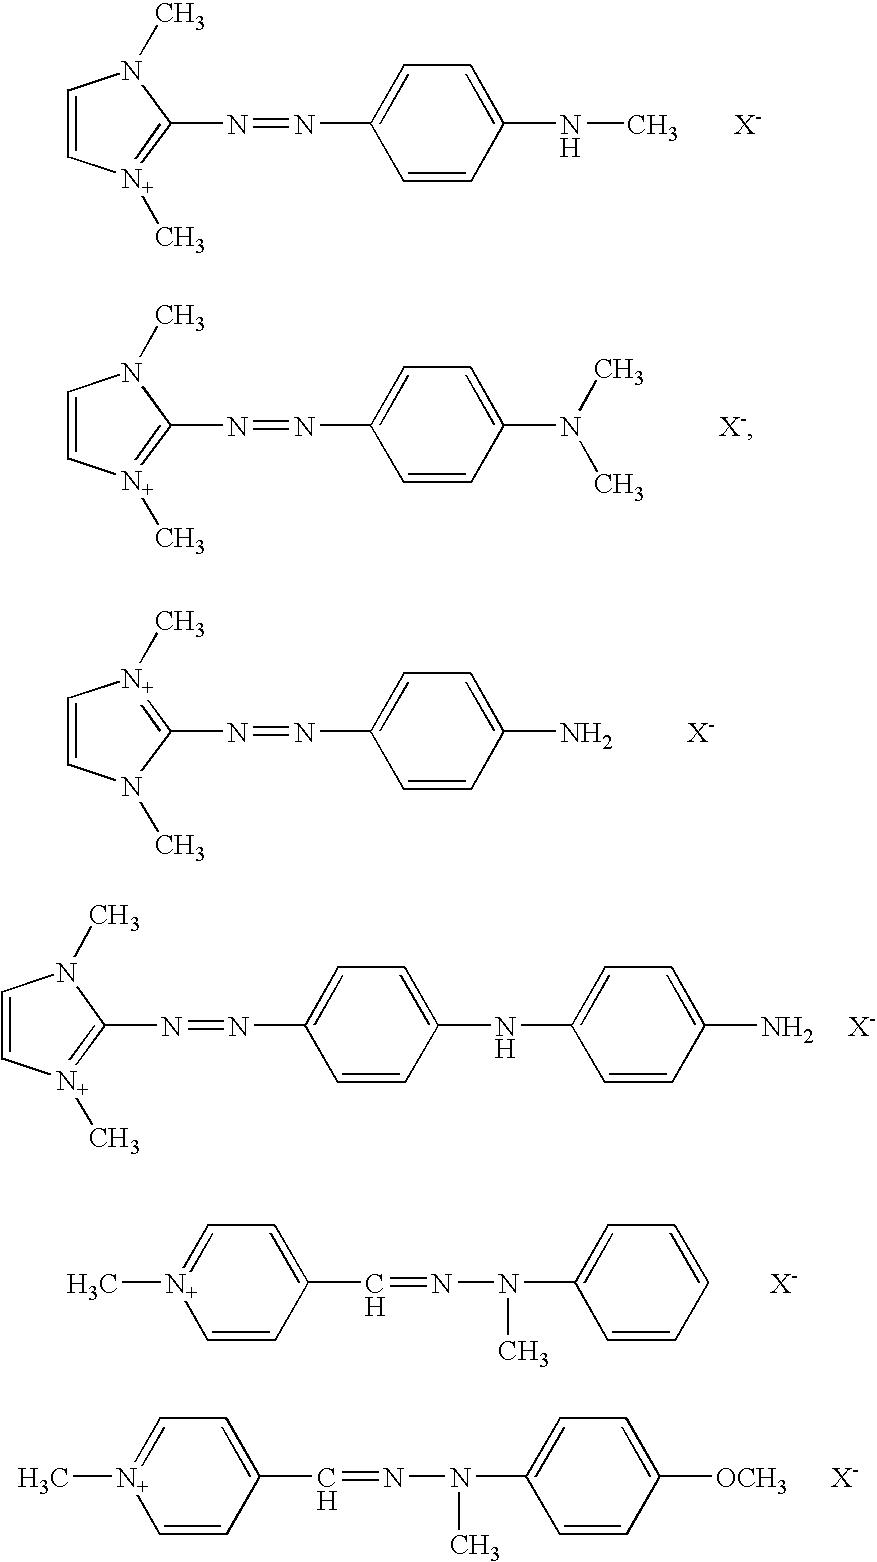 Figure US20100186177A1-20100729-C00005